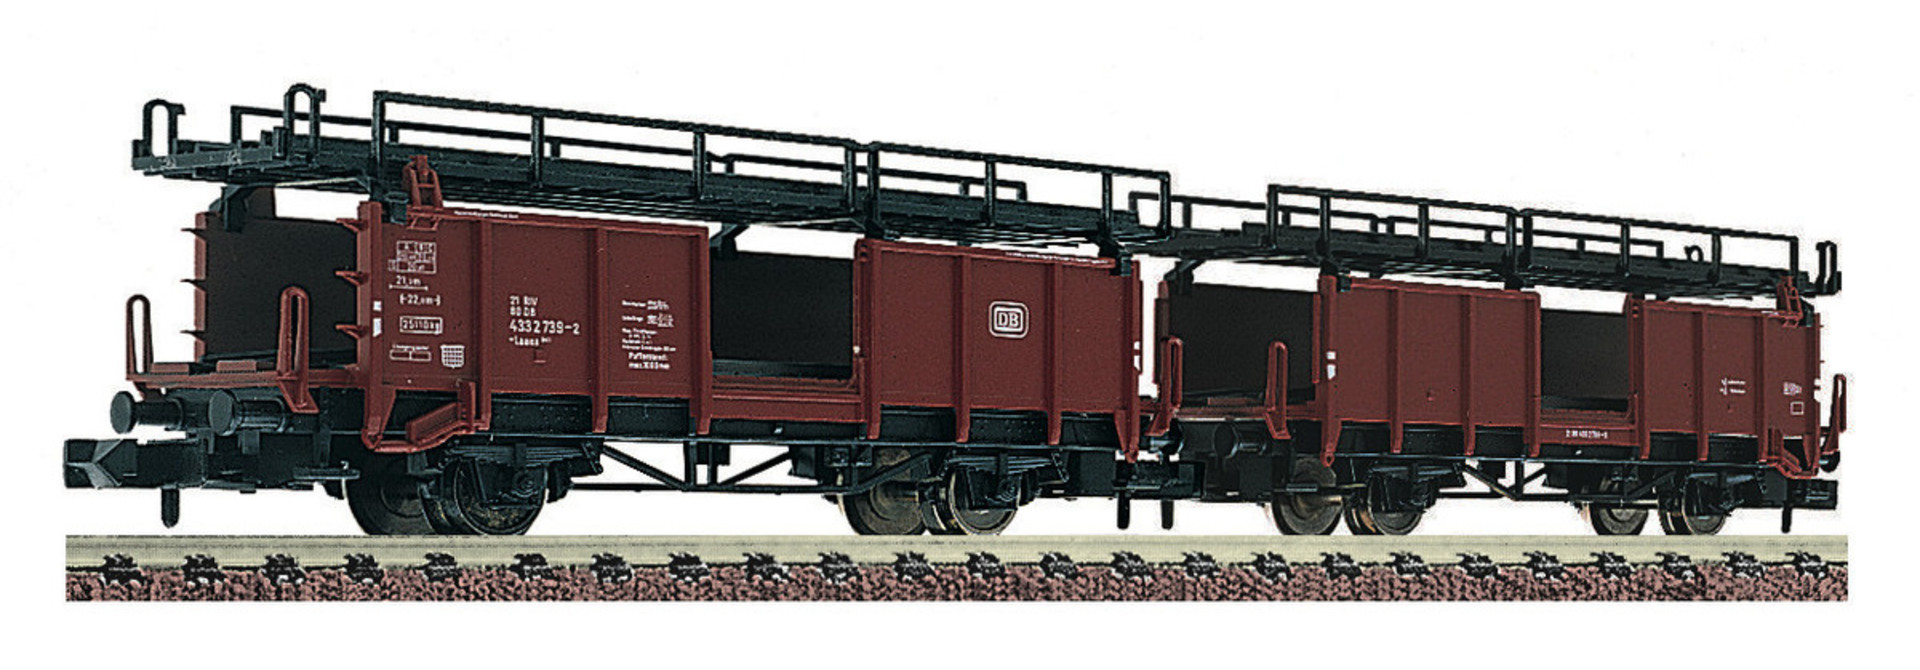 822401 Autotransportwagen-Einheit. un